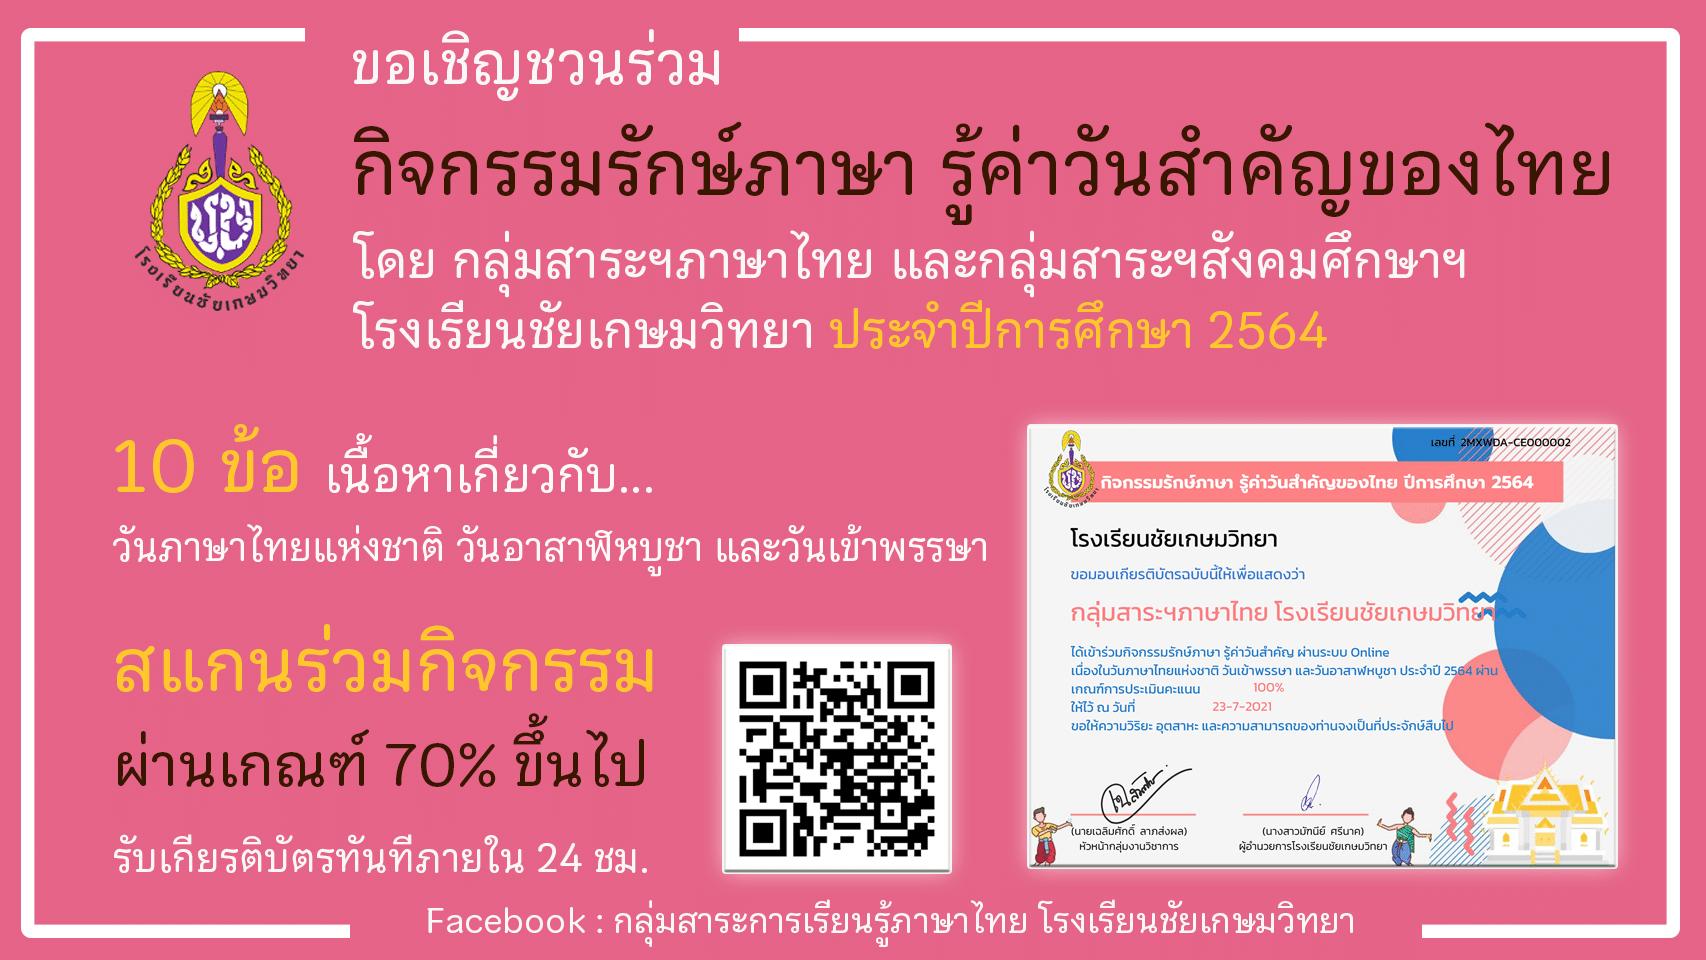 กิจกรรมรักษ์ภาษา รู้ค่าวันสำคัญของไทย ปีการศึกษา 2564 ทำแบบทดสอบผ่าน 70% รับเกียรติบัตรทาง E-mail โดยโรงเรียนชัยเกษมวิทยา